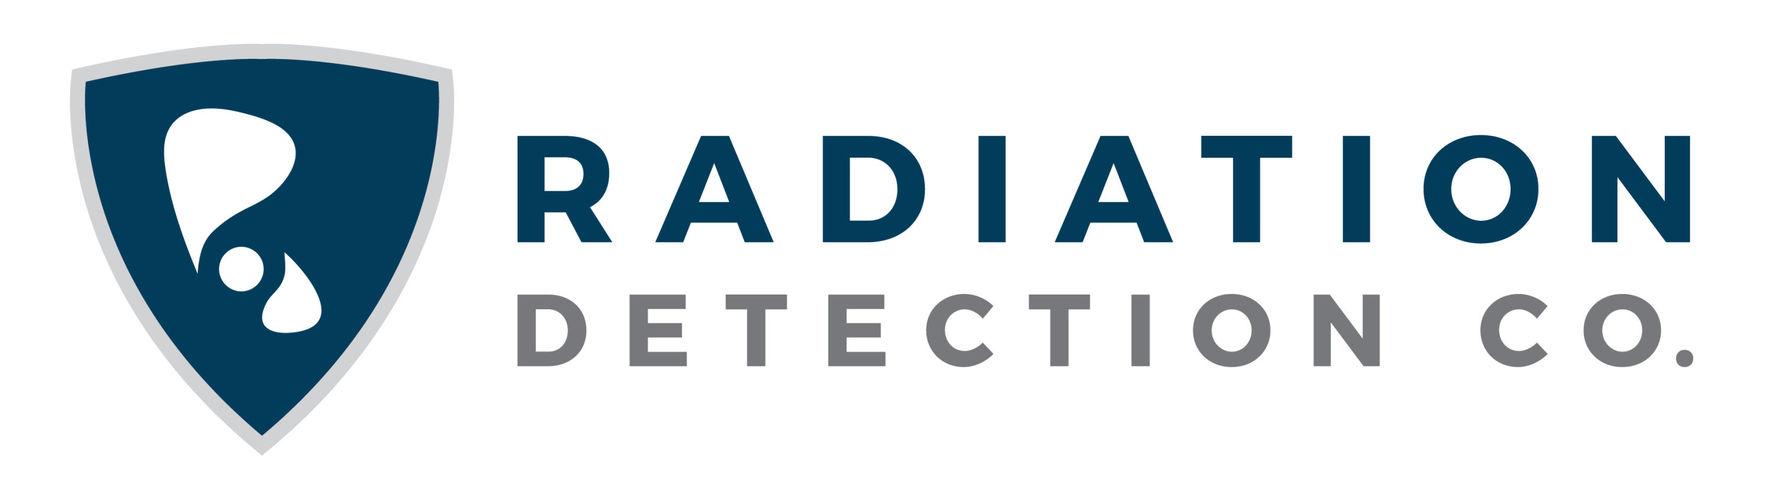 Radiation Detection Company